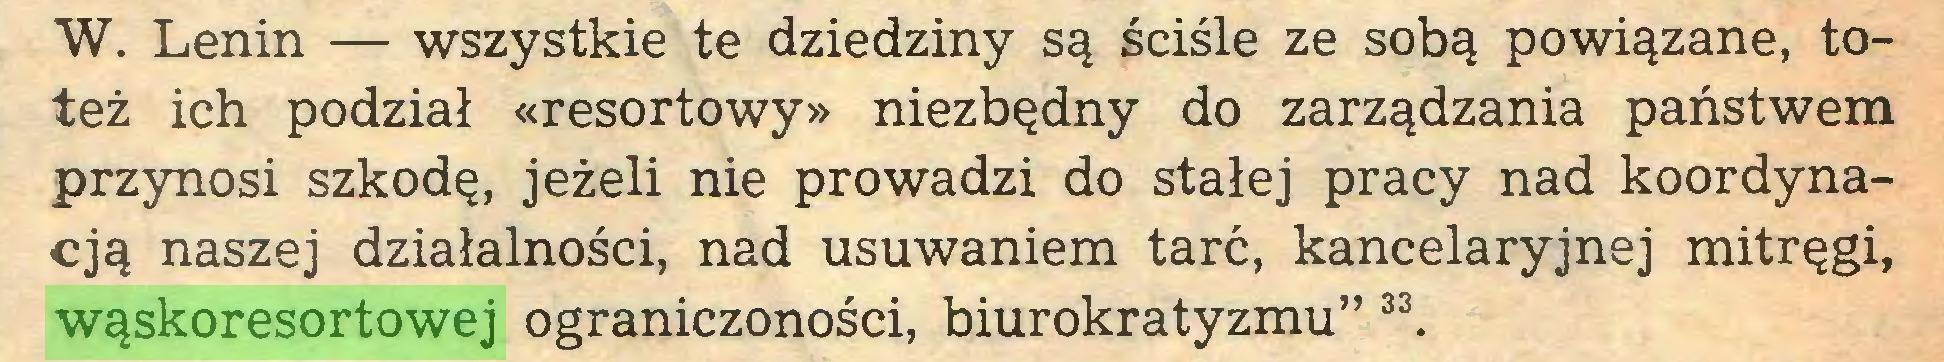 """(...) W. Lenin — wszystkie te dziedziny są ściśle ze sobą powiązane, toteż ich podział «resortowy» niezbędny do zarządzania państwem przynosi szkodę, jeżeli nie prowadzi do stałej pracy nad koordynacją naszej działalności, nad usuwaniem tarć, kancelaryjnej mitręgi, wąskoresortowej ograniczoności, biurokratyzmu"""" 33..."""